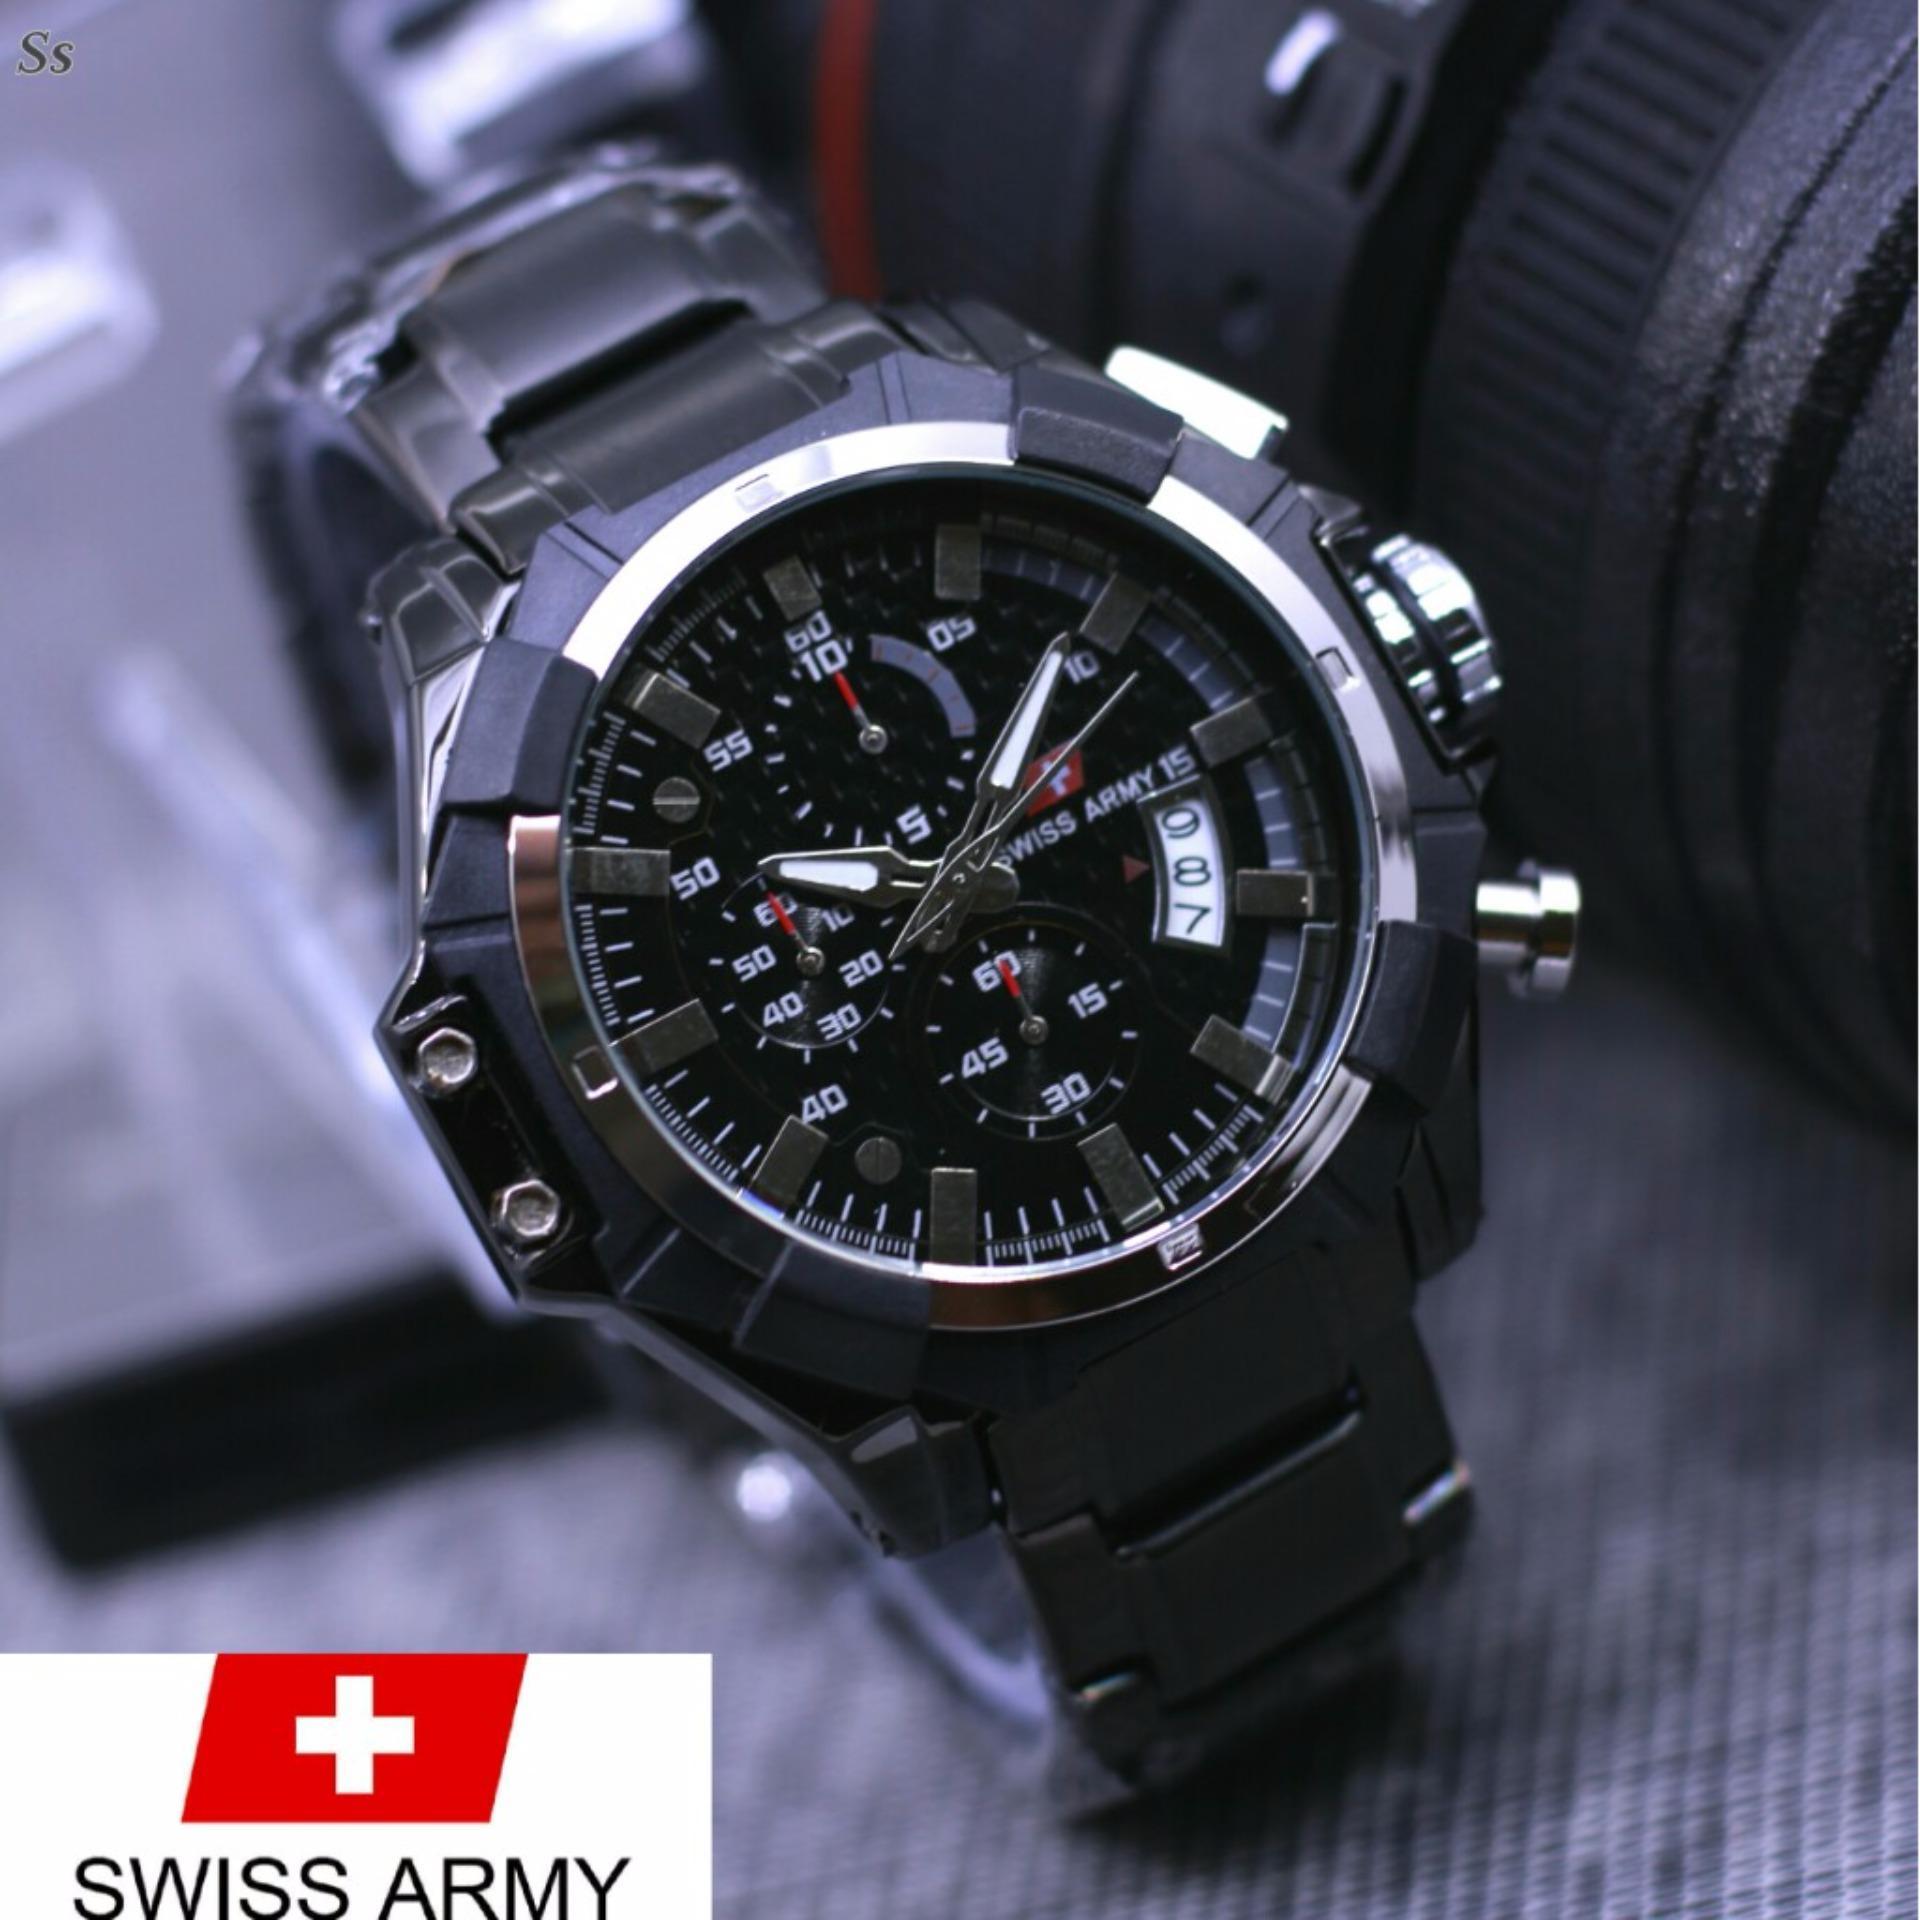 Swiss army lifestyle ORIGINAL for man Chrono aktif Stainless